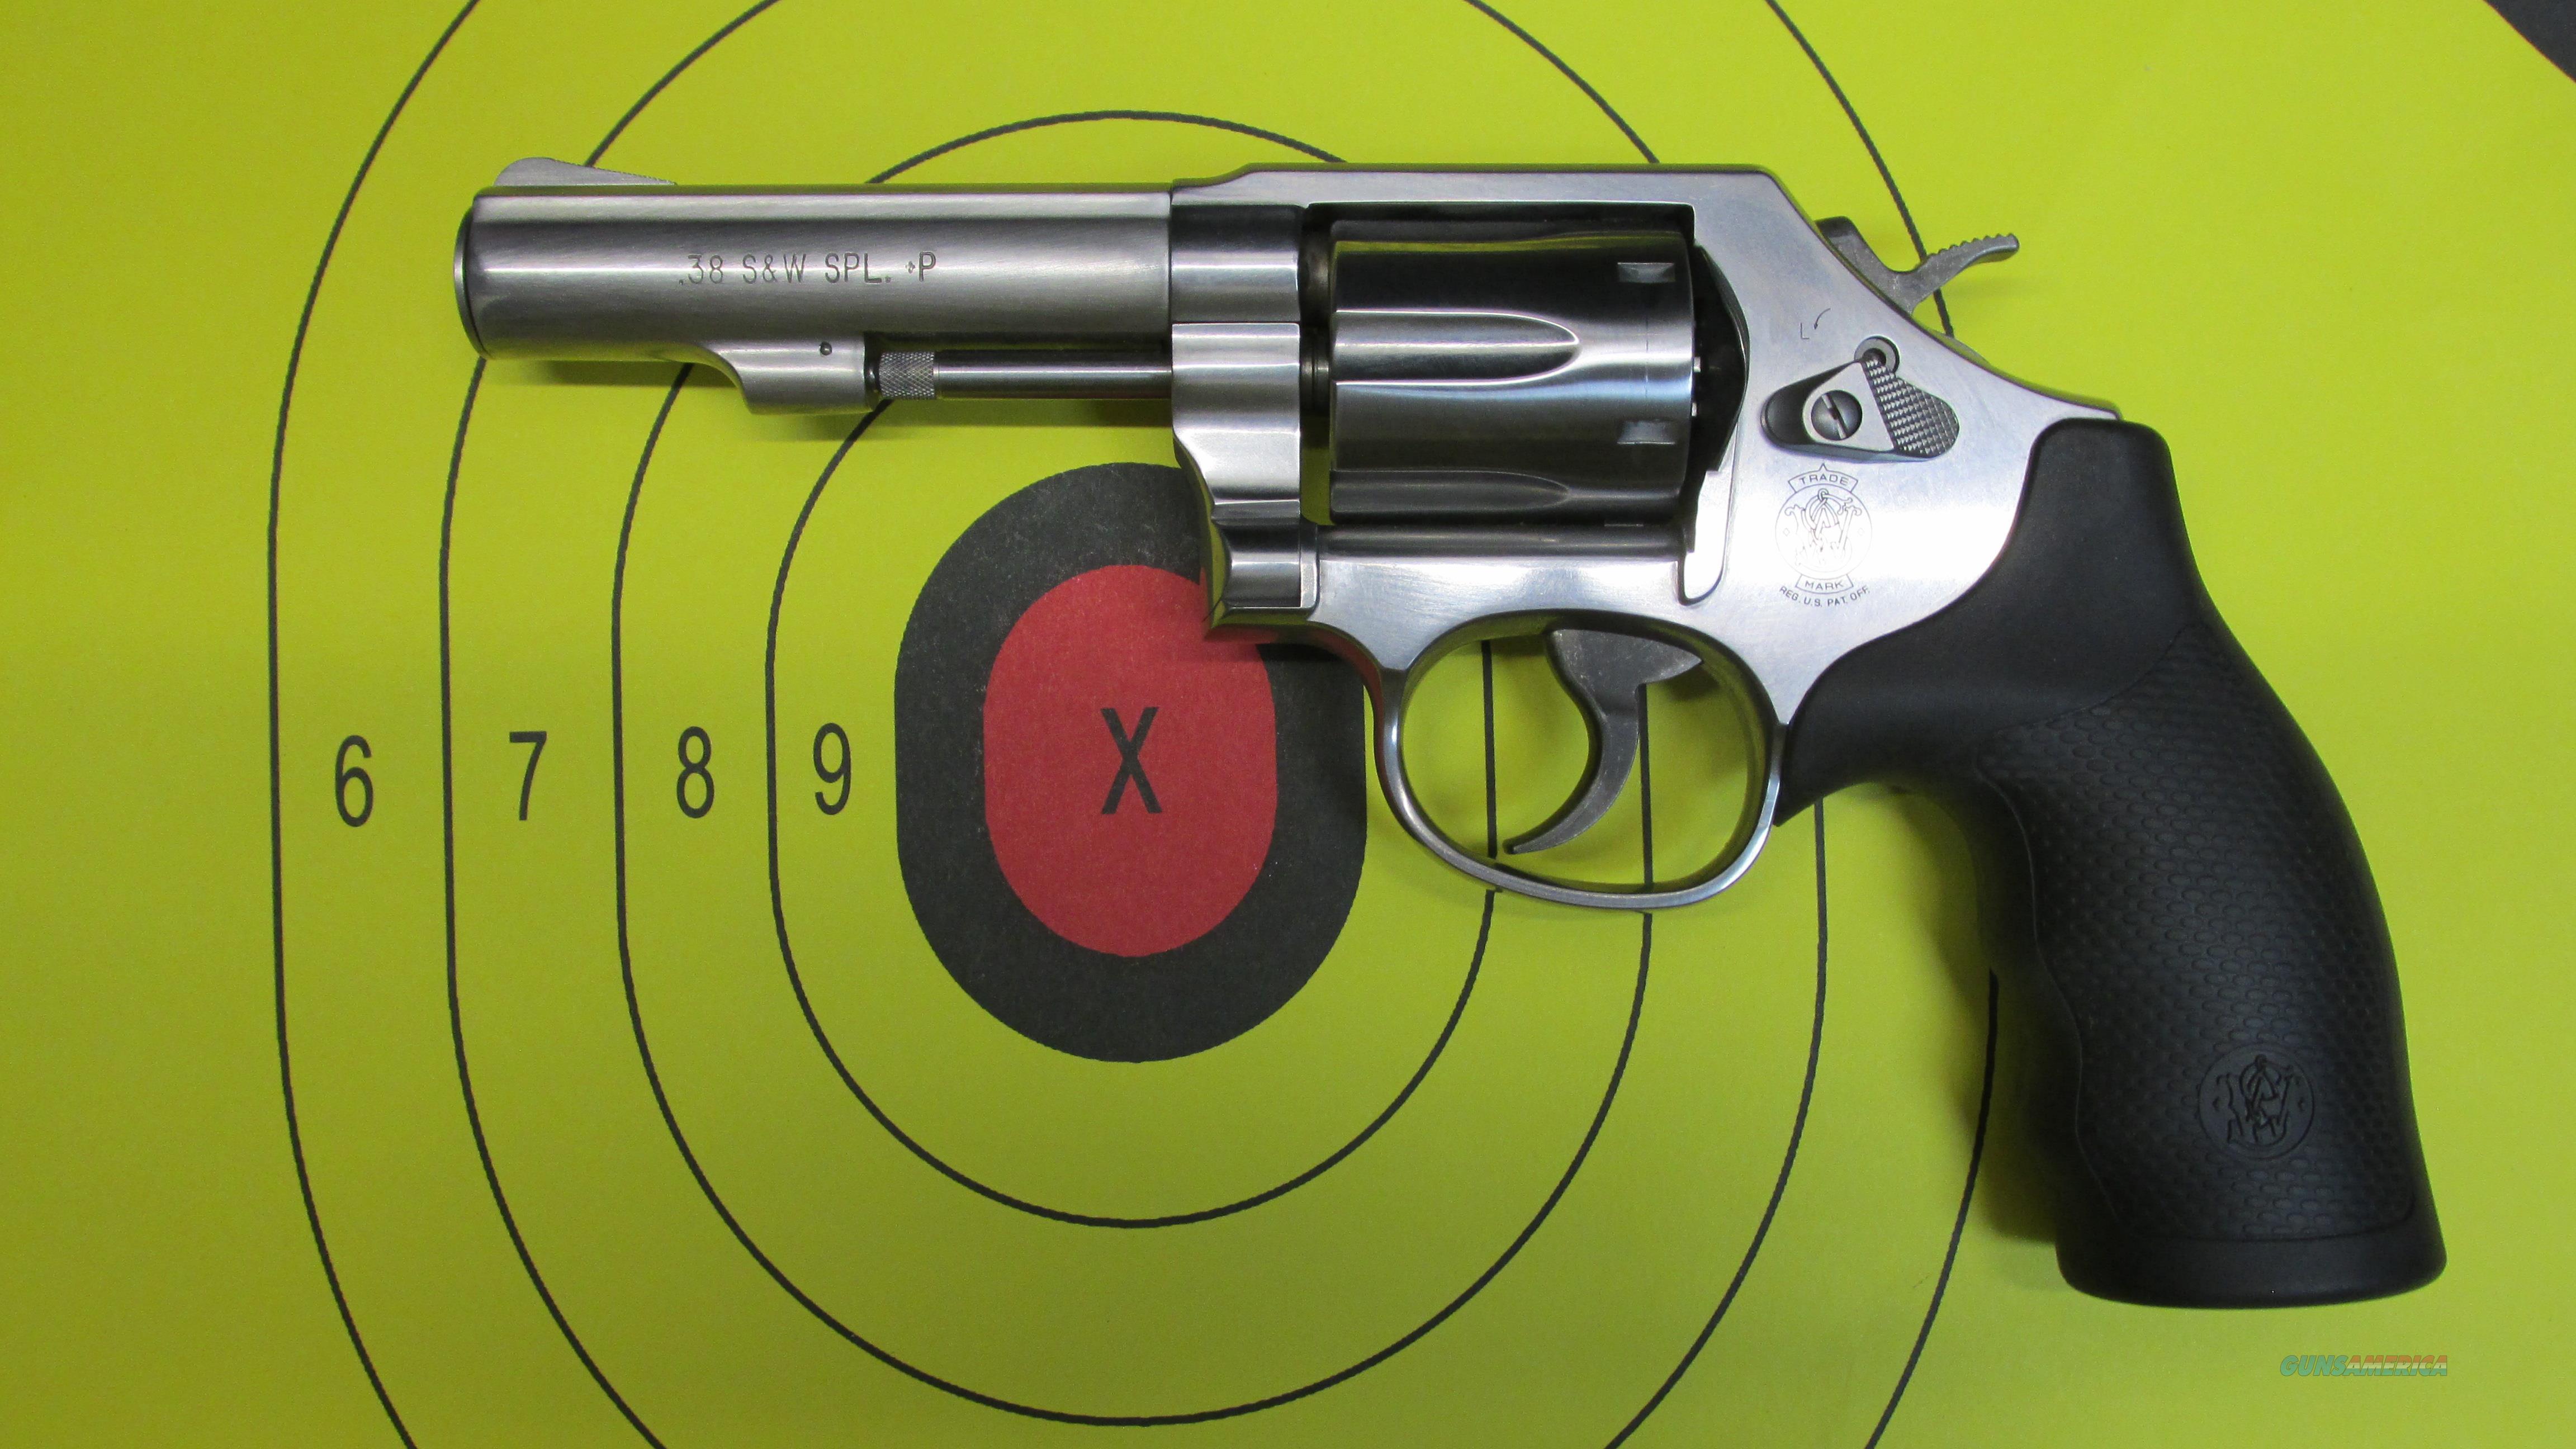 Smith & Wesson 64-8 38Spl 5 Shot Revolver  Guns > Pistols > Smith & Wesson Revolvers > Full Frame Revolver